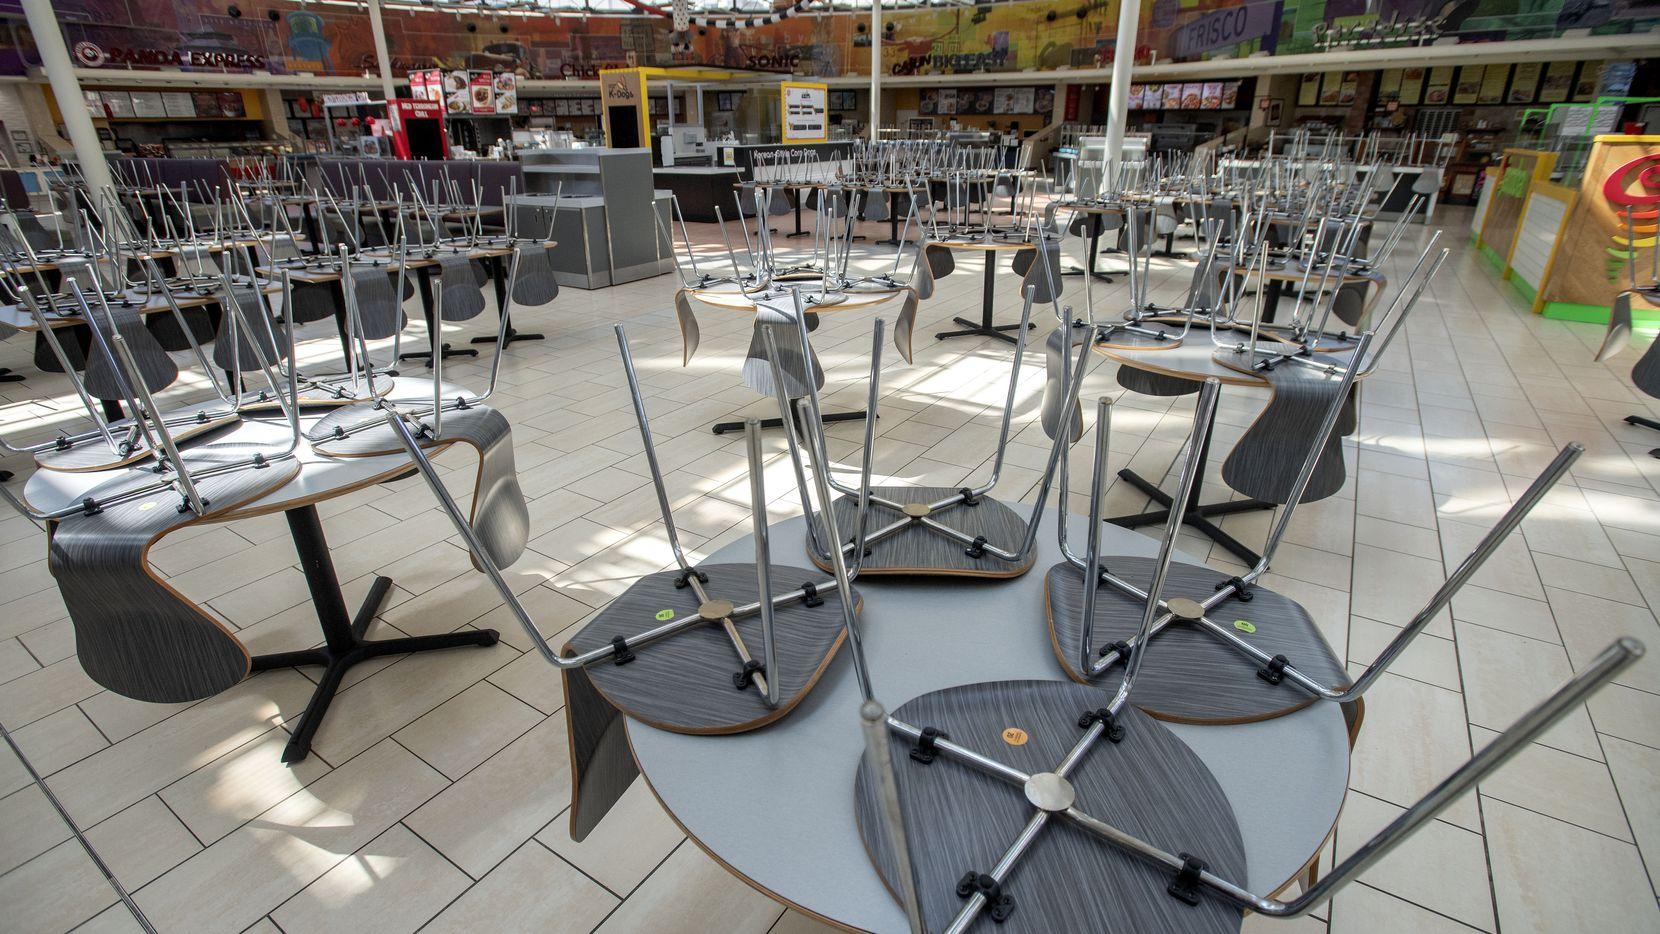 Las mesas y sillas del área de cafeterías en el Stonebriar Mall de Frisco cerró el 25 de marzo de 2020.